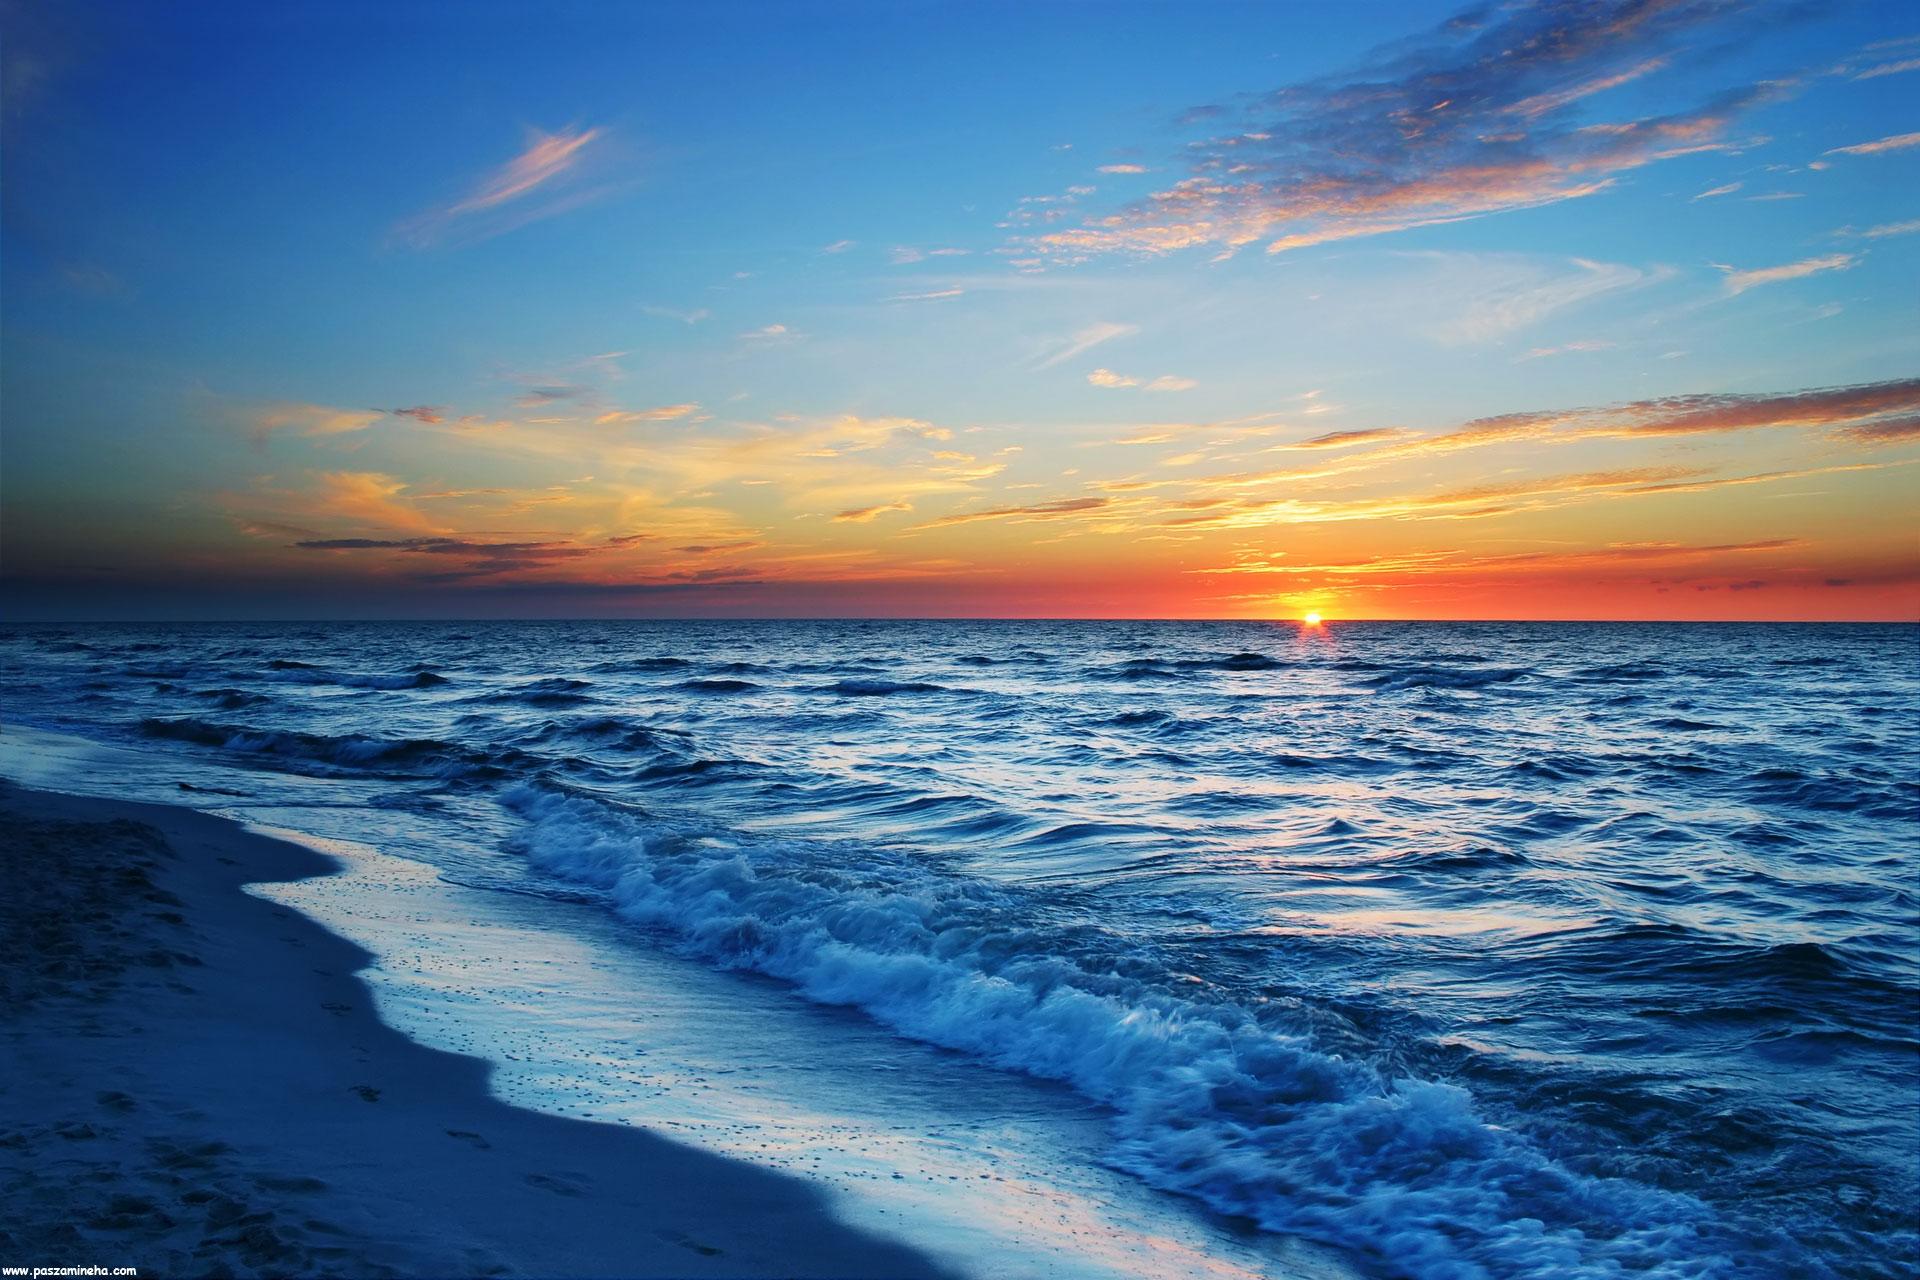 تصاویری از دریا